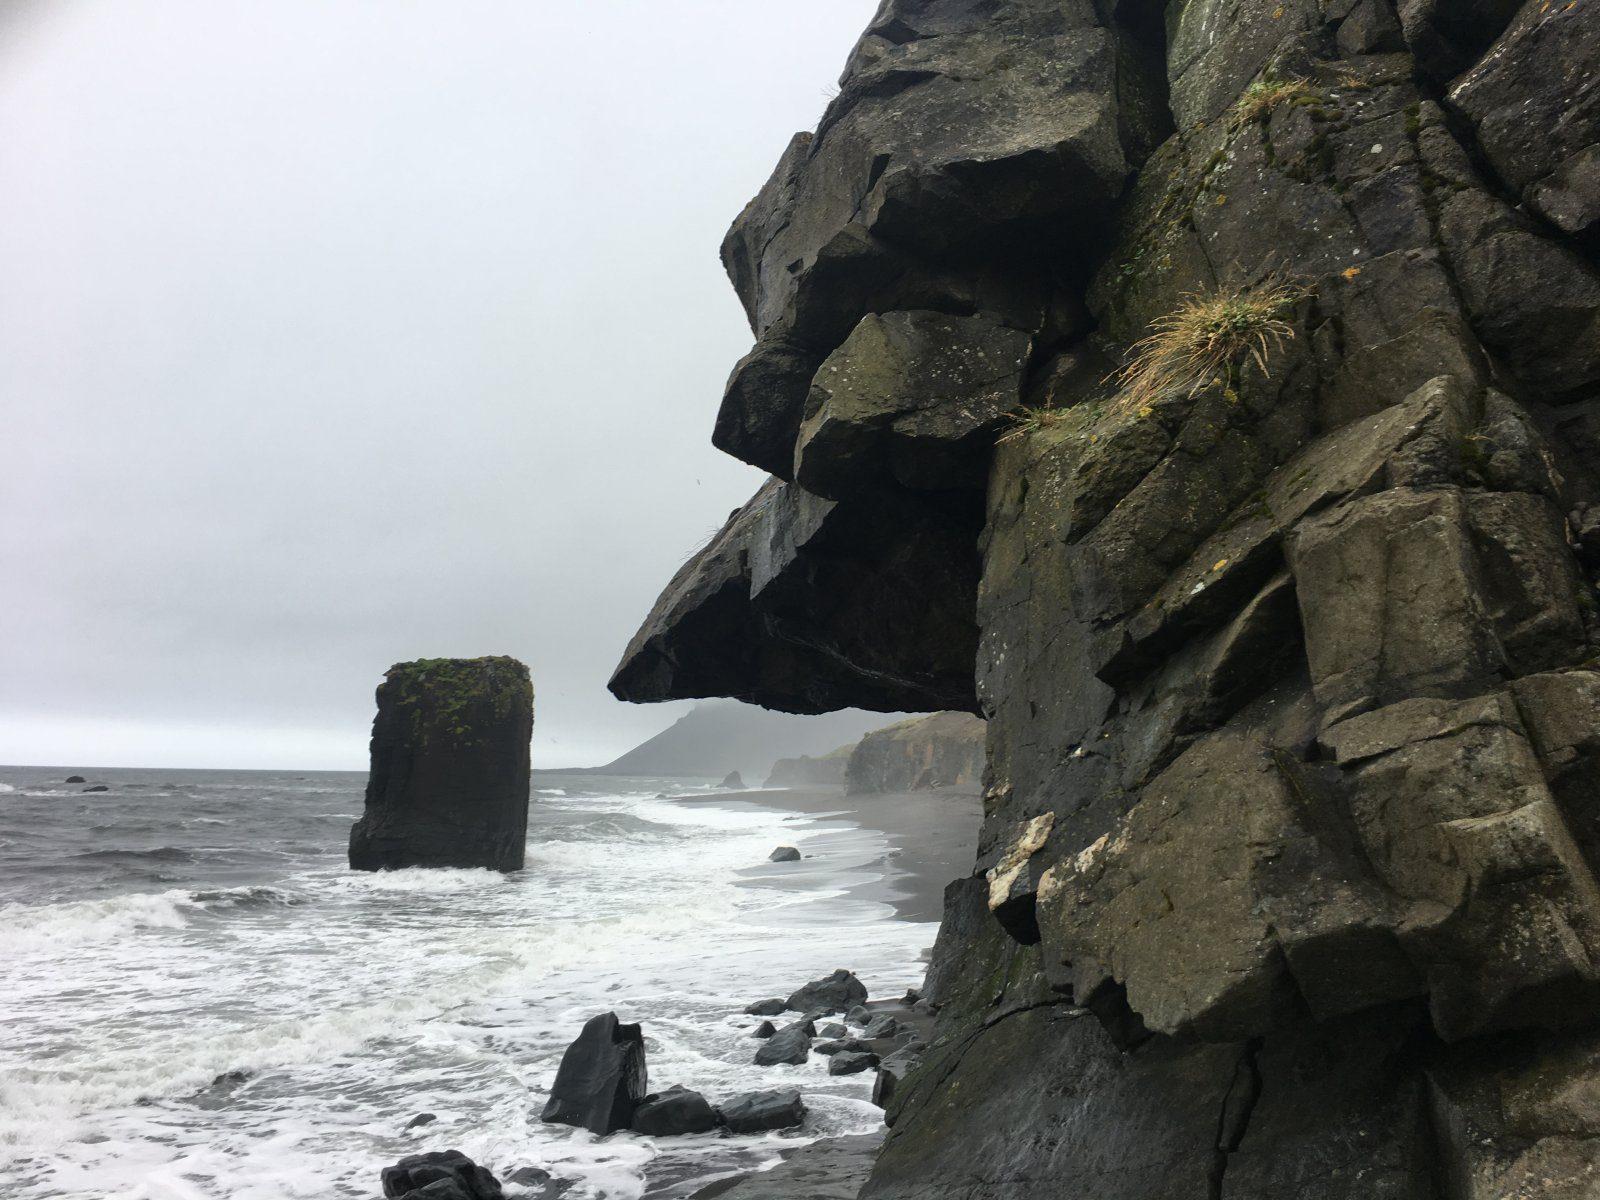 Атлантический океан, Восточные фйорды Исландии, Фото Стасмир, photo Stasmir